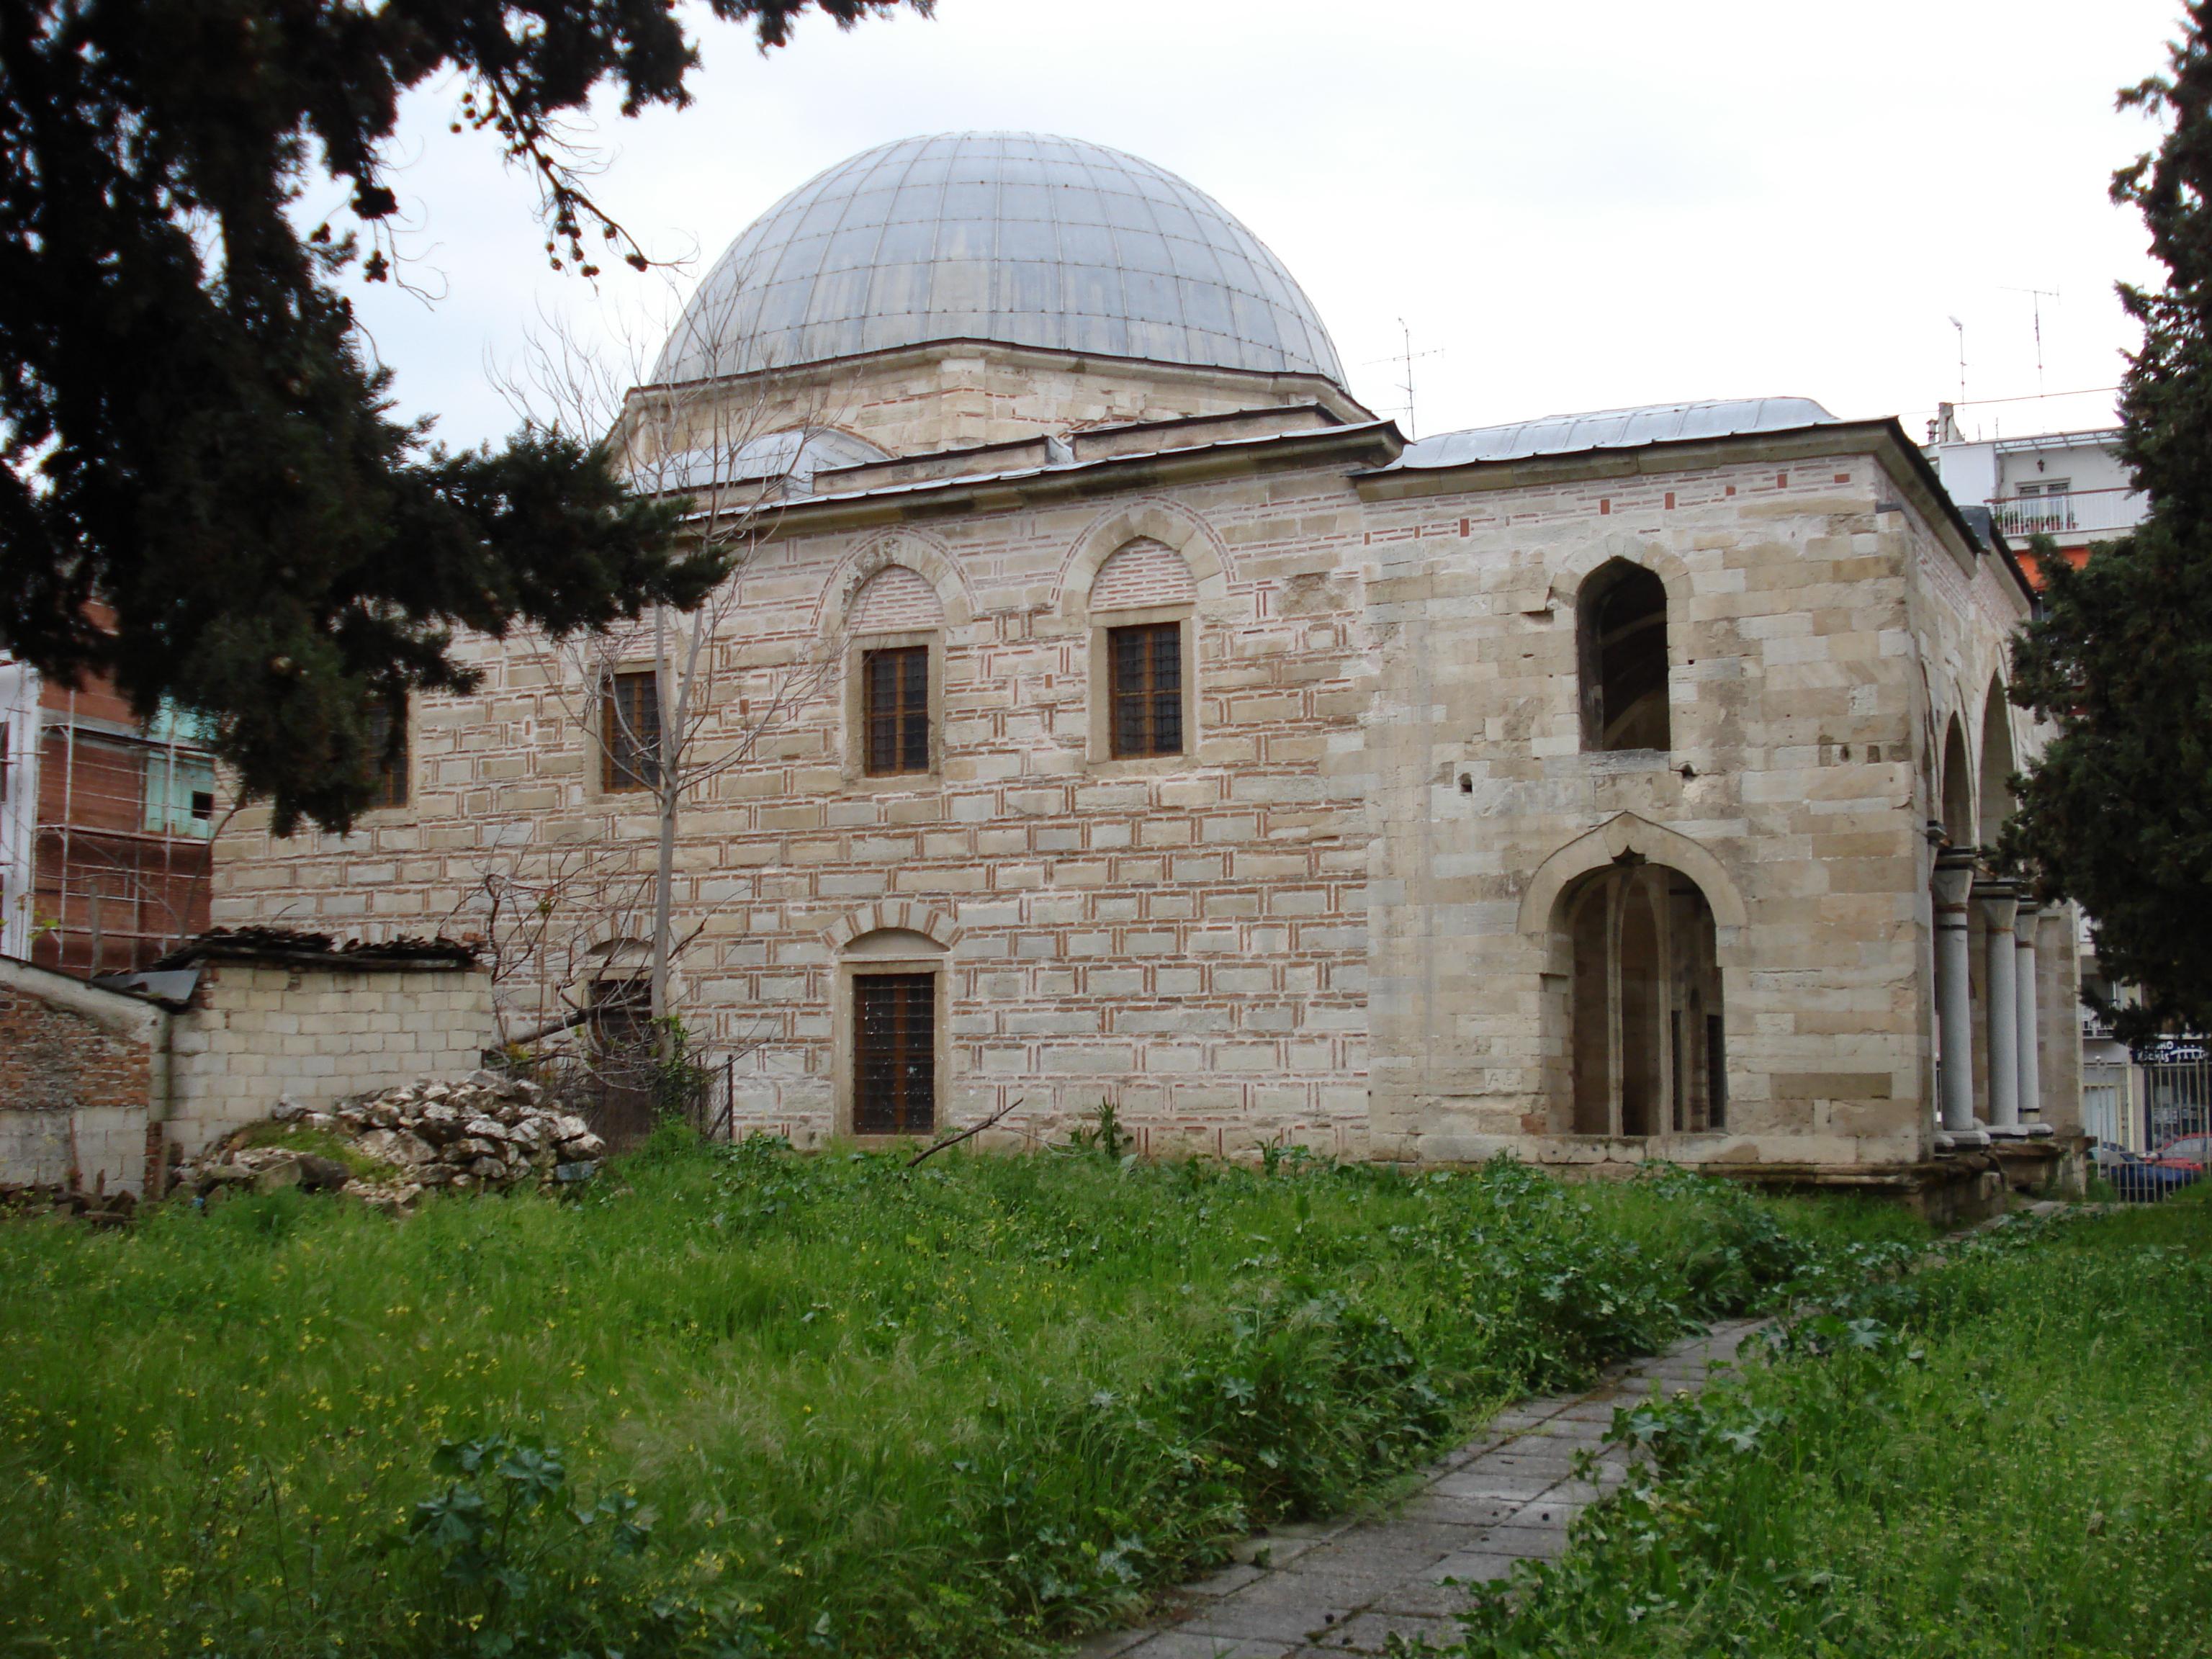 Zinjirli_mosque_Serres,_Greece